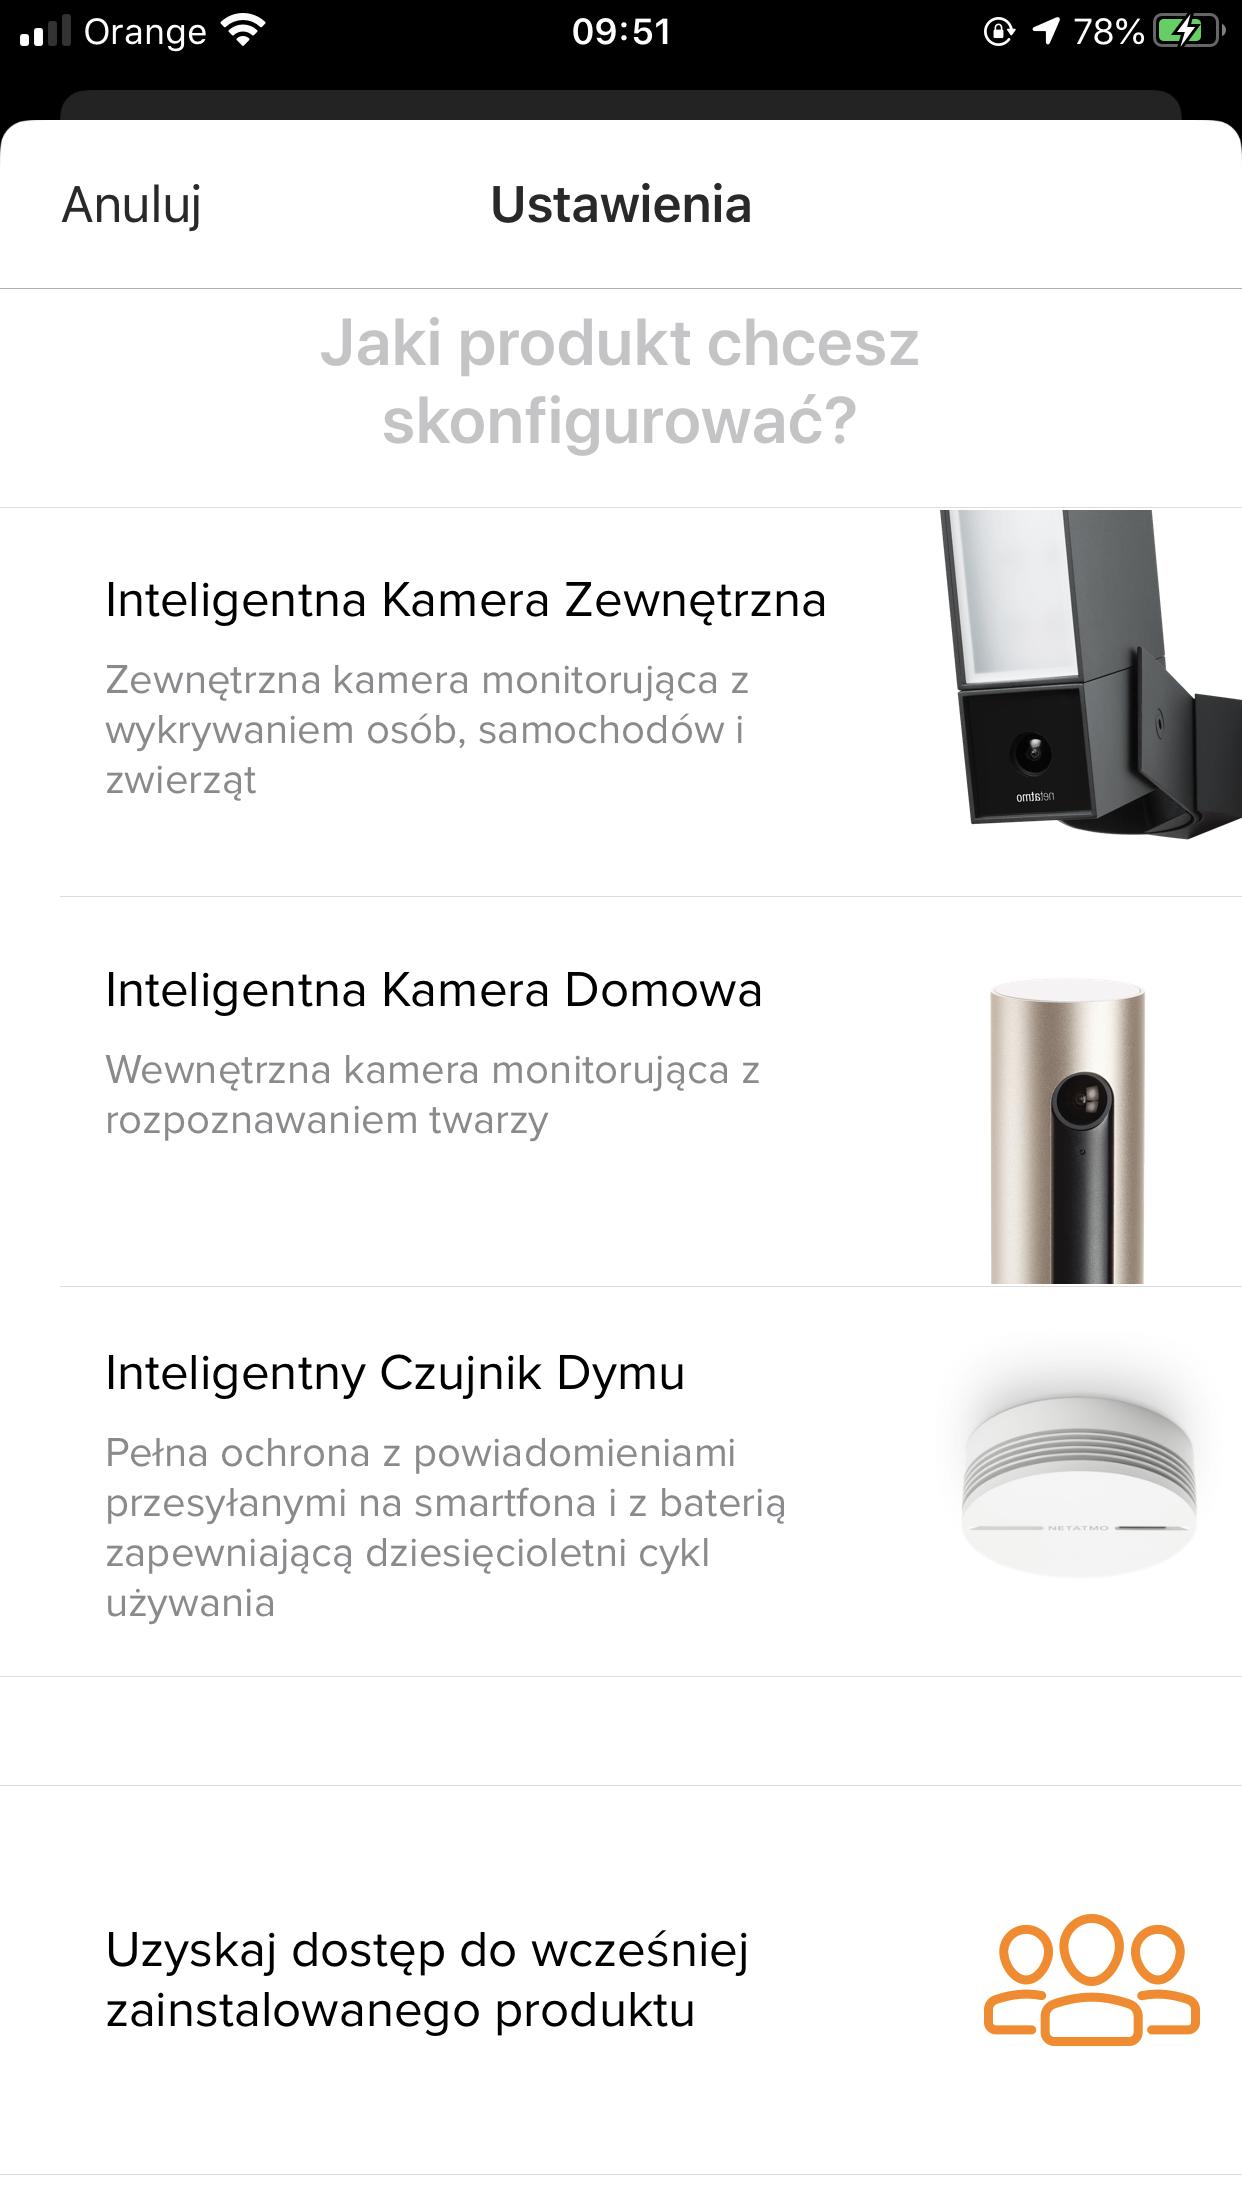 Netatmo Inteligentna Kamera Zewnętrzna z Alarmem - recenzja. Twój prywatny ochroniarz 6